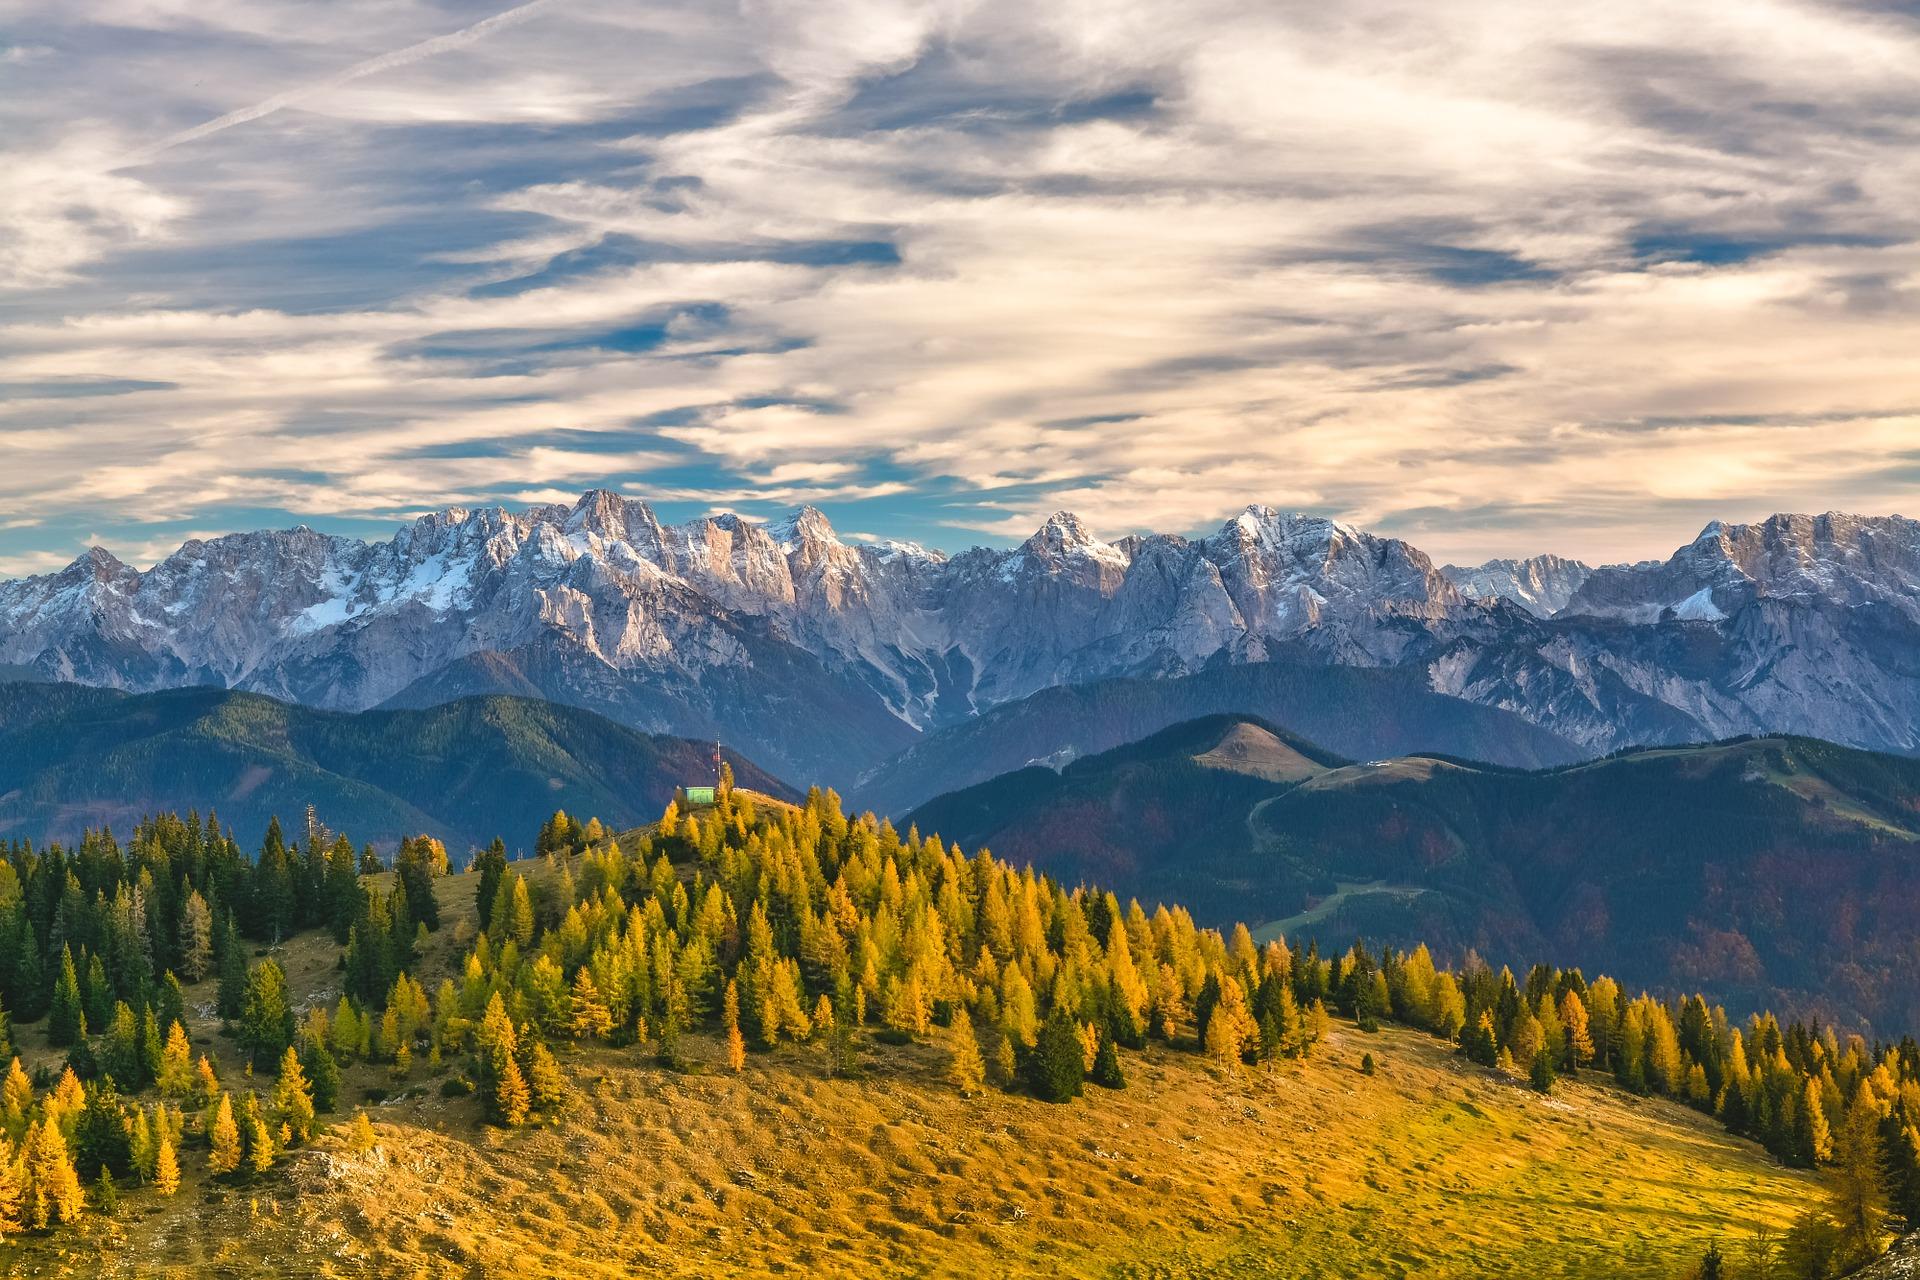 mountain-1244132_1920